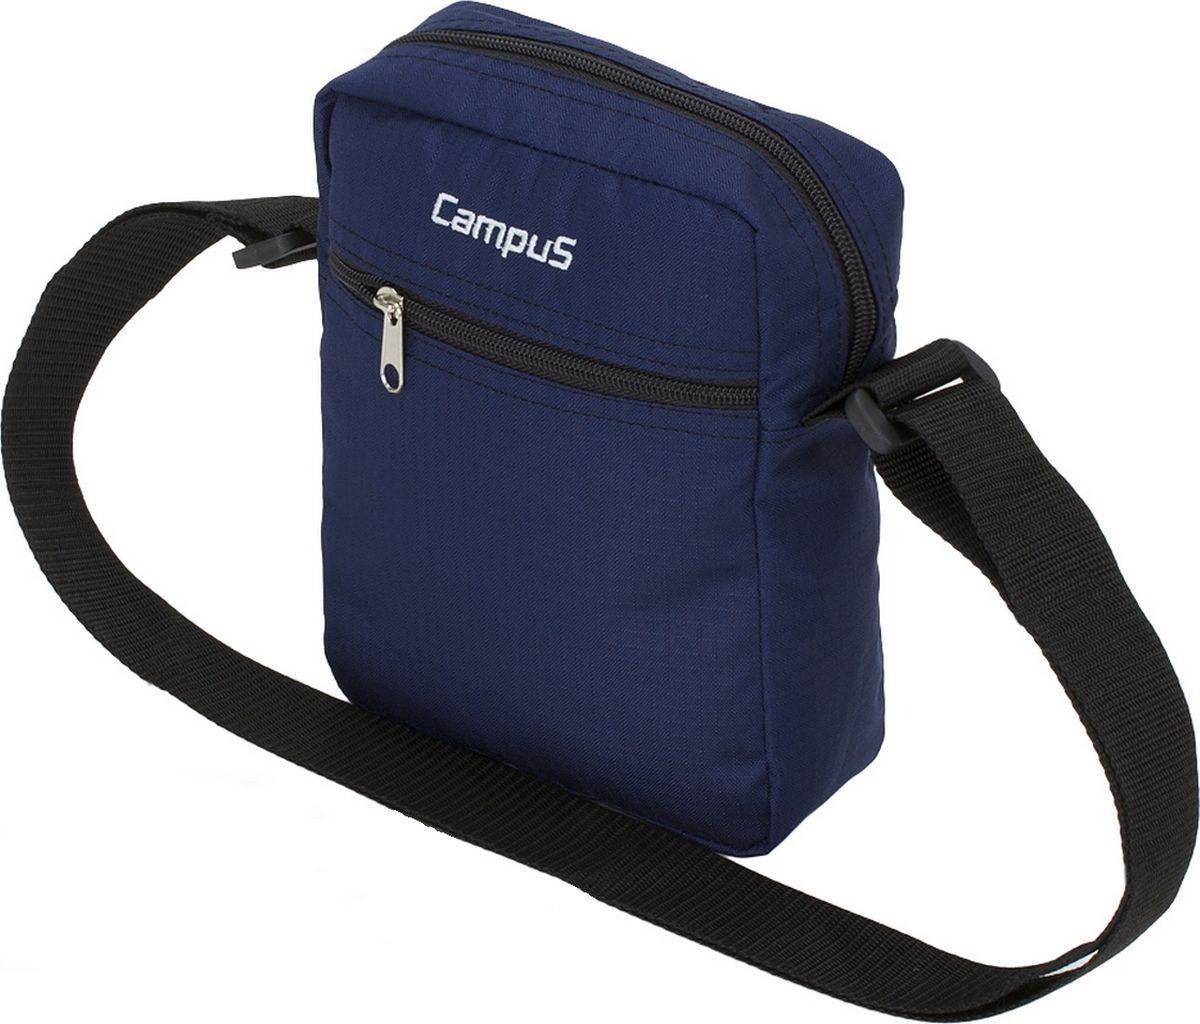 Сумка Campus Pag, цвет: синий. 50380251609235038025160923Универсальная сумочка для аксессуаров -ключи, телефон и т. д.* регулируемый ремень* 3 кармана на молнии* материал ripstop* очень прочные и долговечные замки